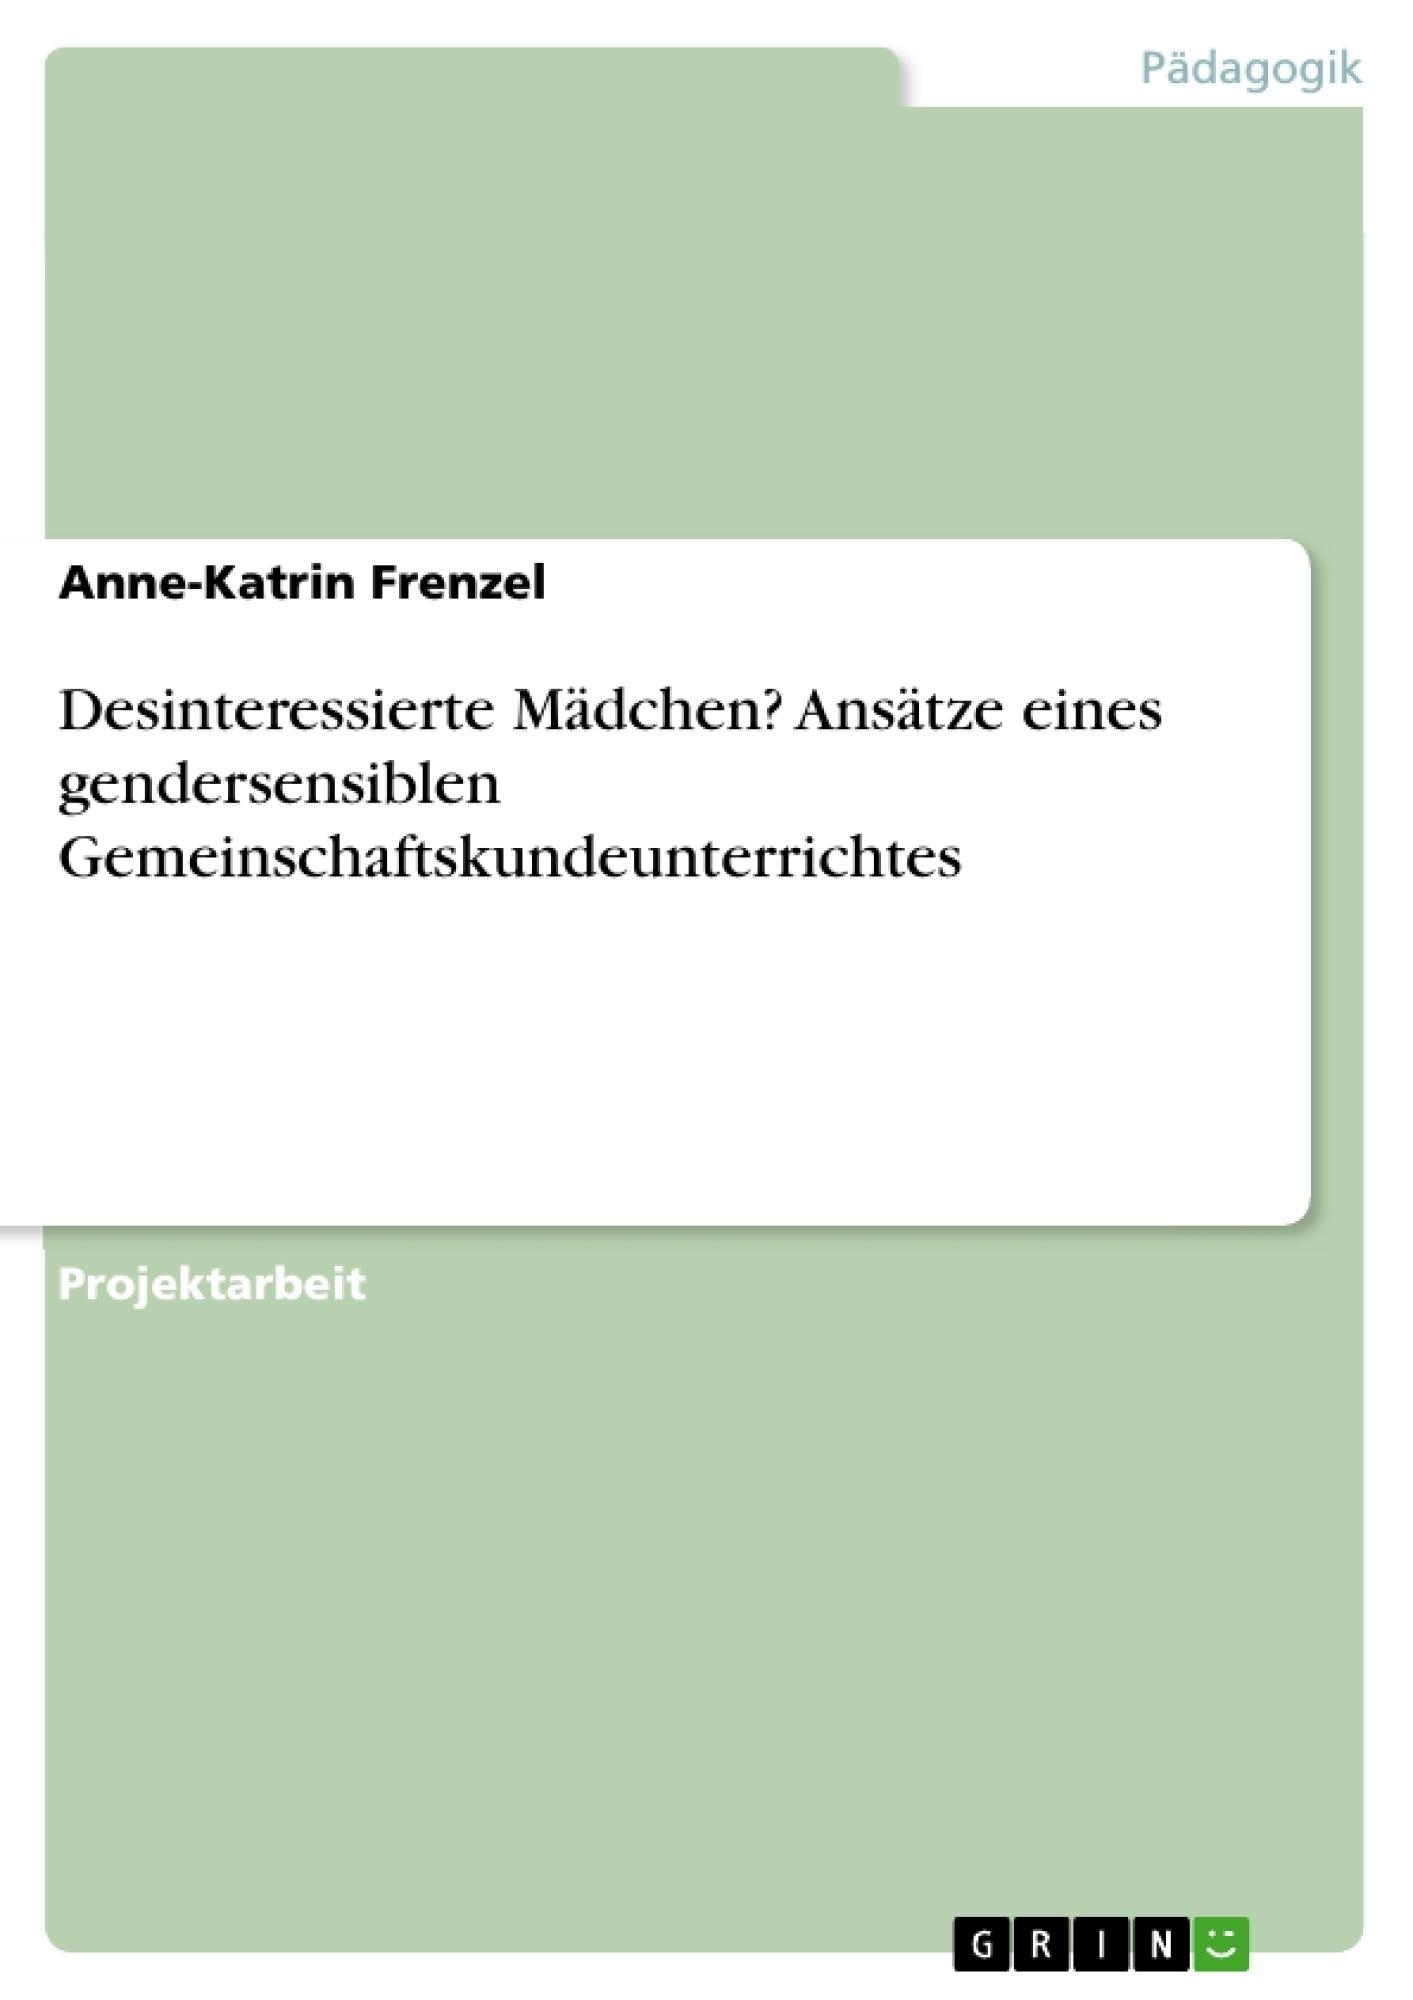 Titel: Desinteressierte Mädchen? Ansätze eines gendersensiblen Gemeinschaftskundeunterrichtes